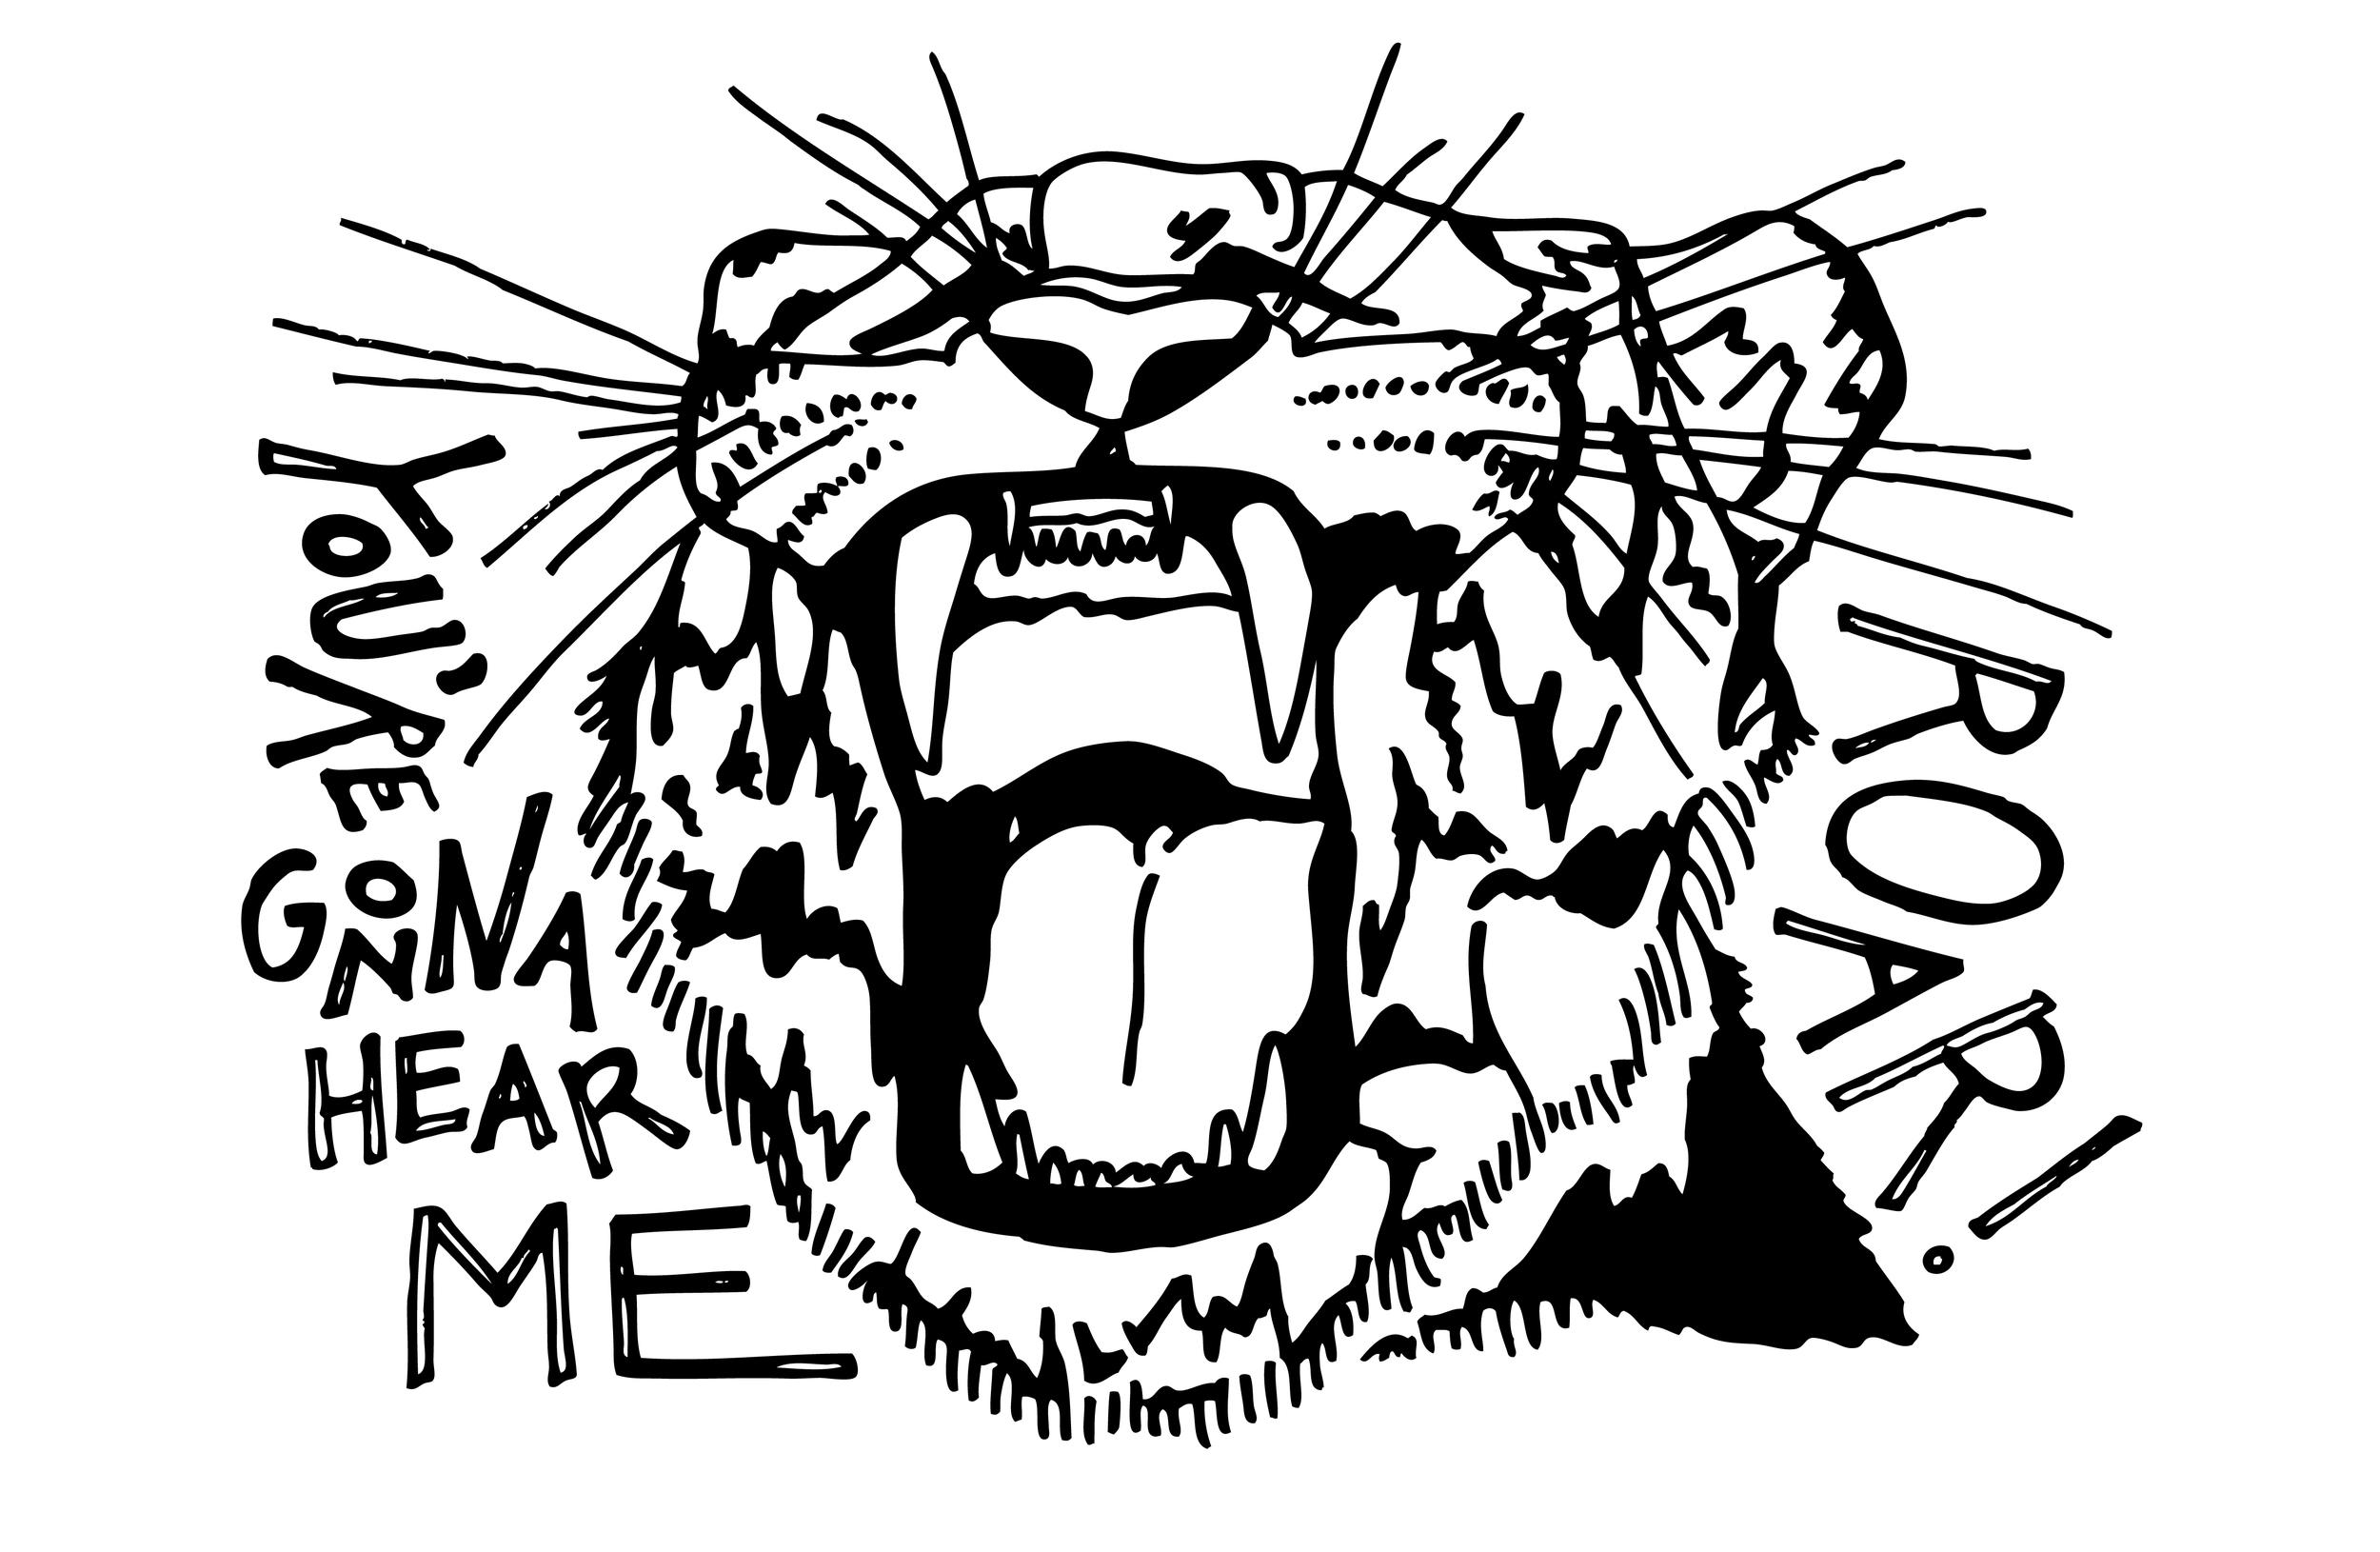 Hear Me Roar S6-laptop-01.jpg